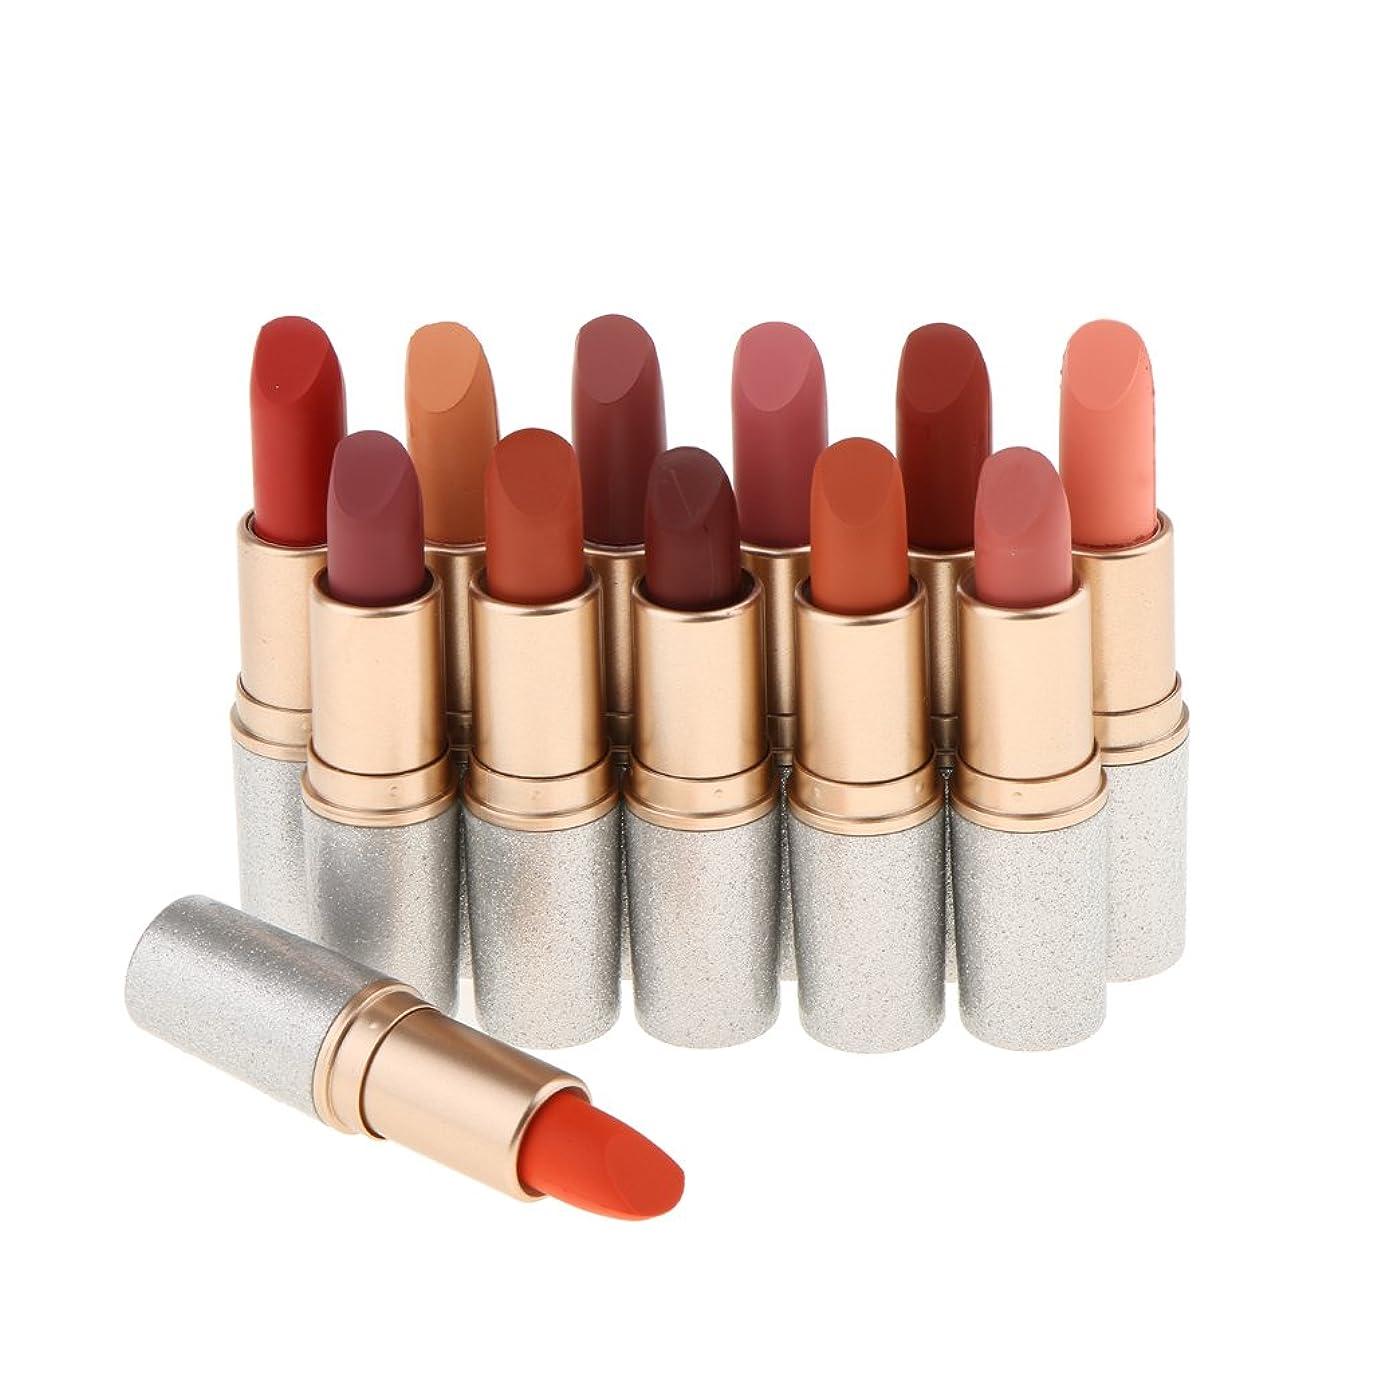 ボット硫黄レプリカベルベットマット 口紅 マット リップスティック 化粧品 12色